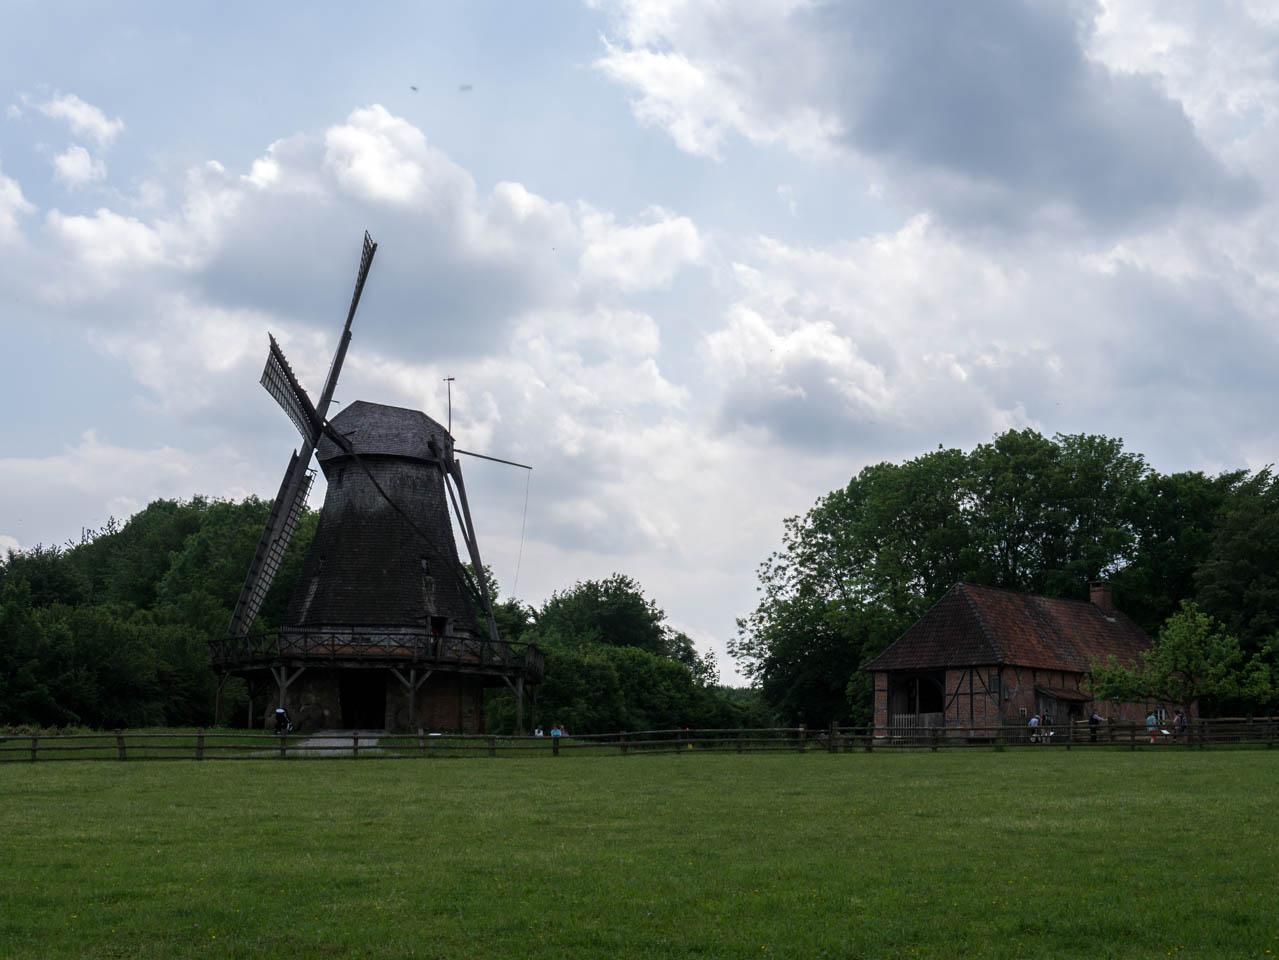 Kappenwindmühle (1 von 1)